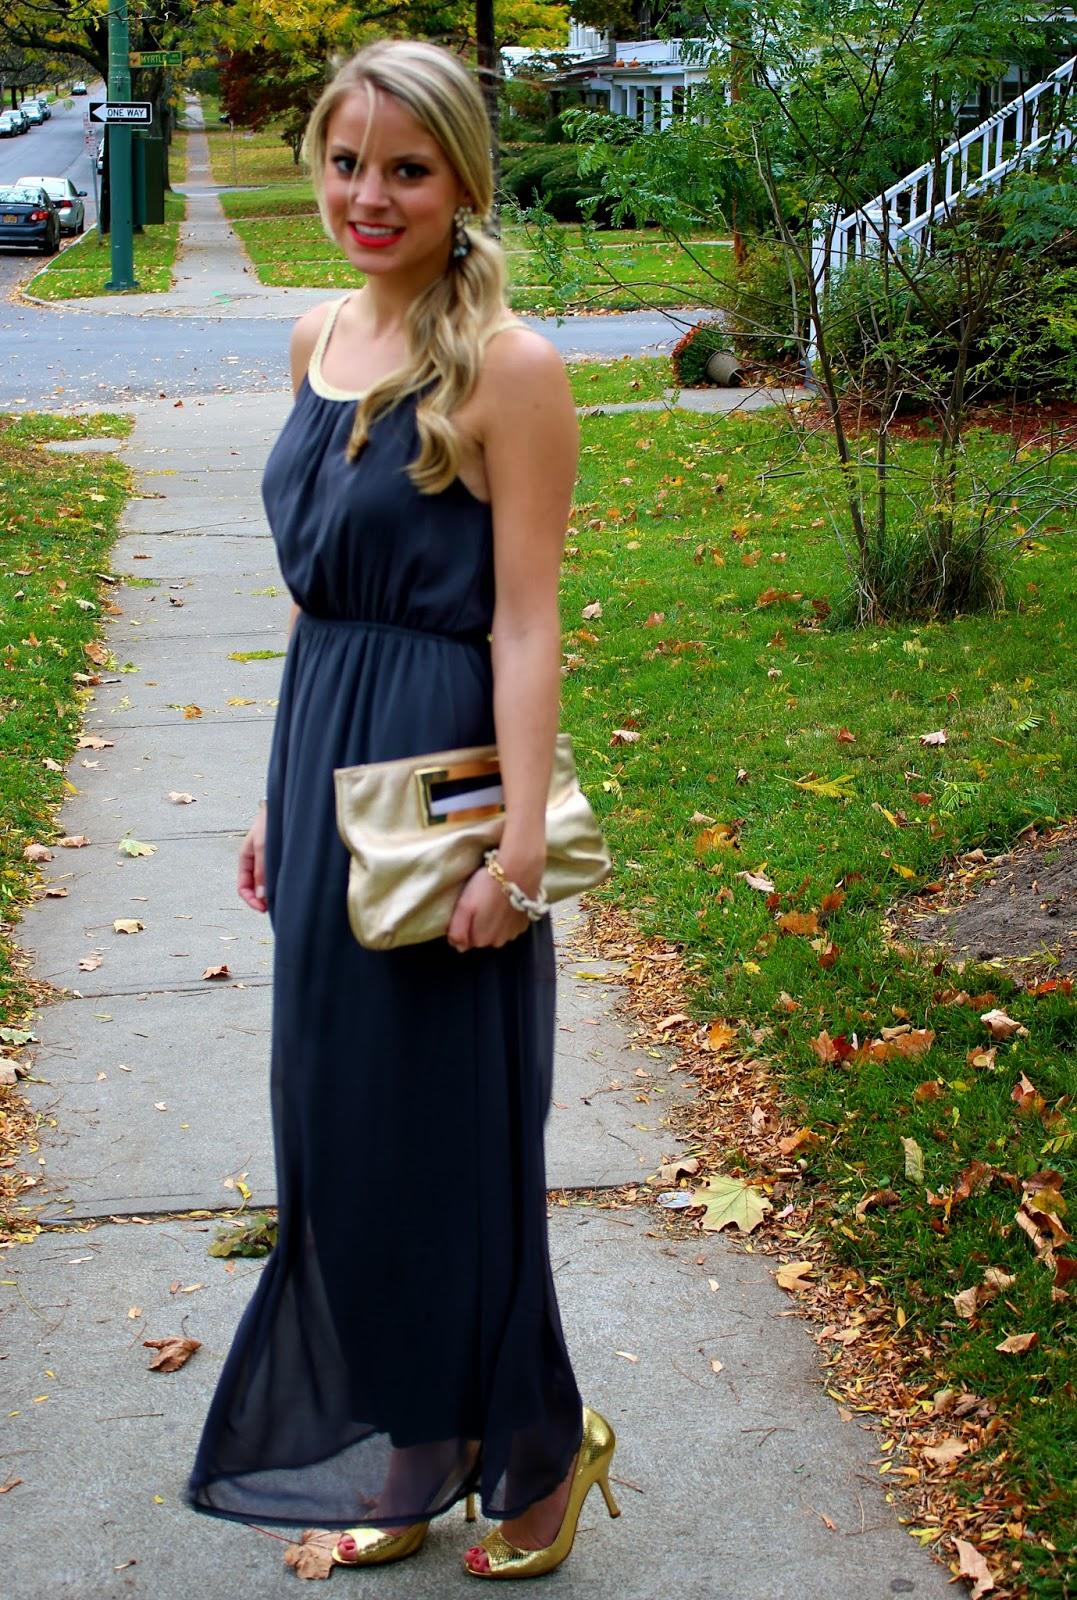 WEDDING Guest WEAR Styled Snapshots - Tj Maxx Wedding Dress